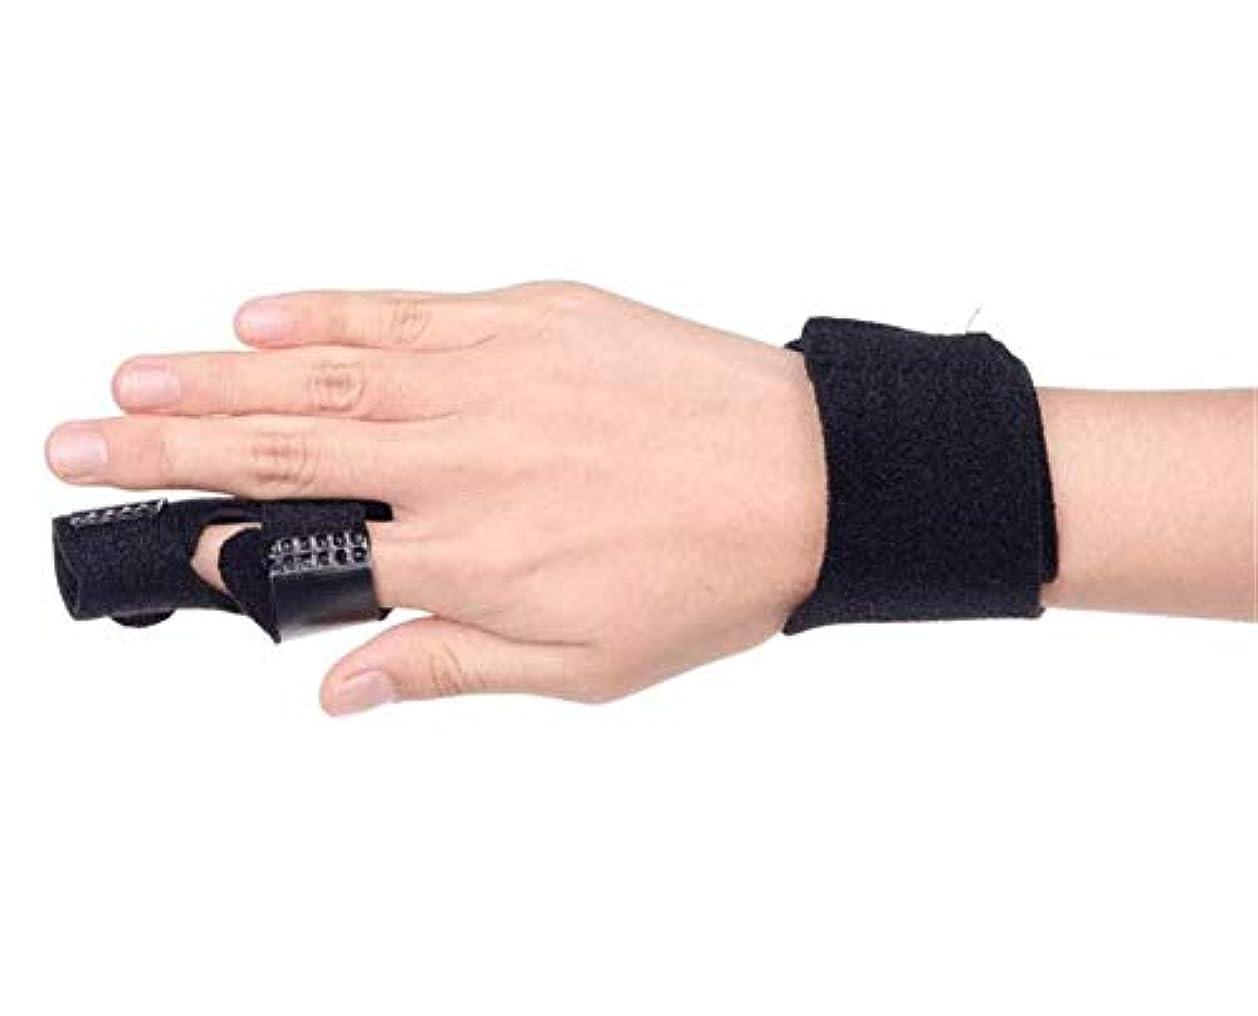 復活する発信有力者ベルトリリースや痛みを固定アジャスタブル - 中指、薬指、人差し指ブレースについてインソールフィンガースプリントを指